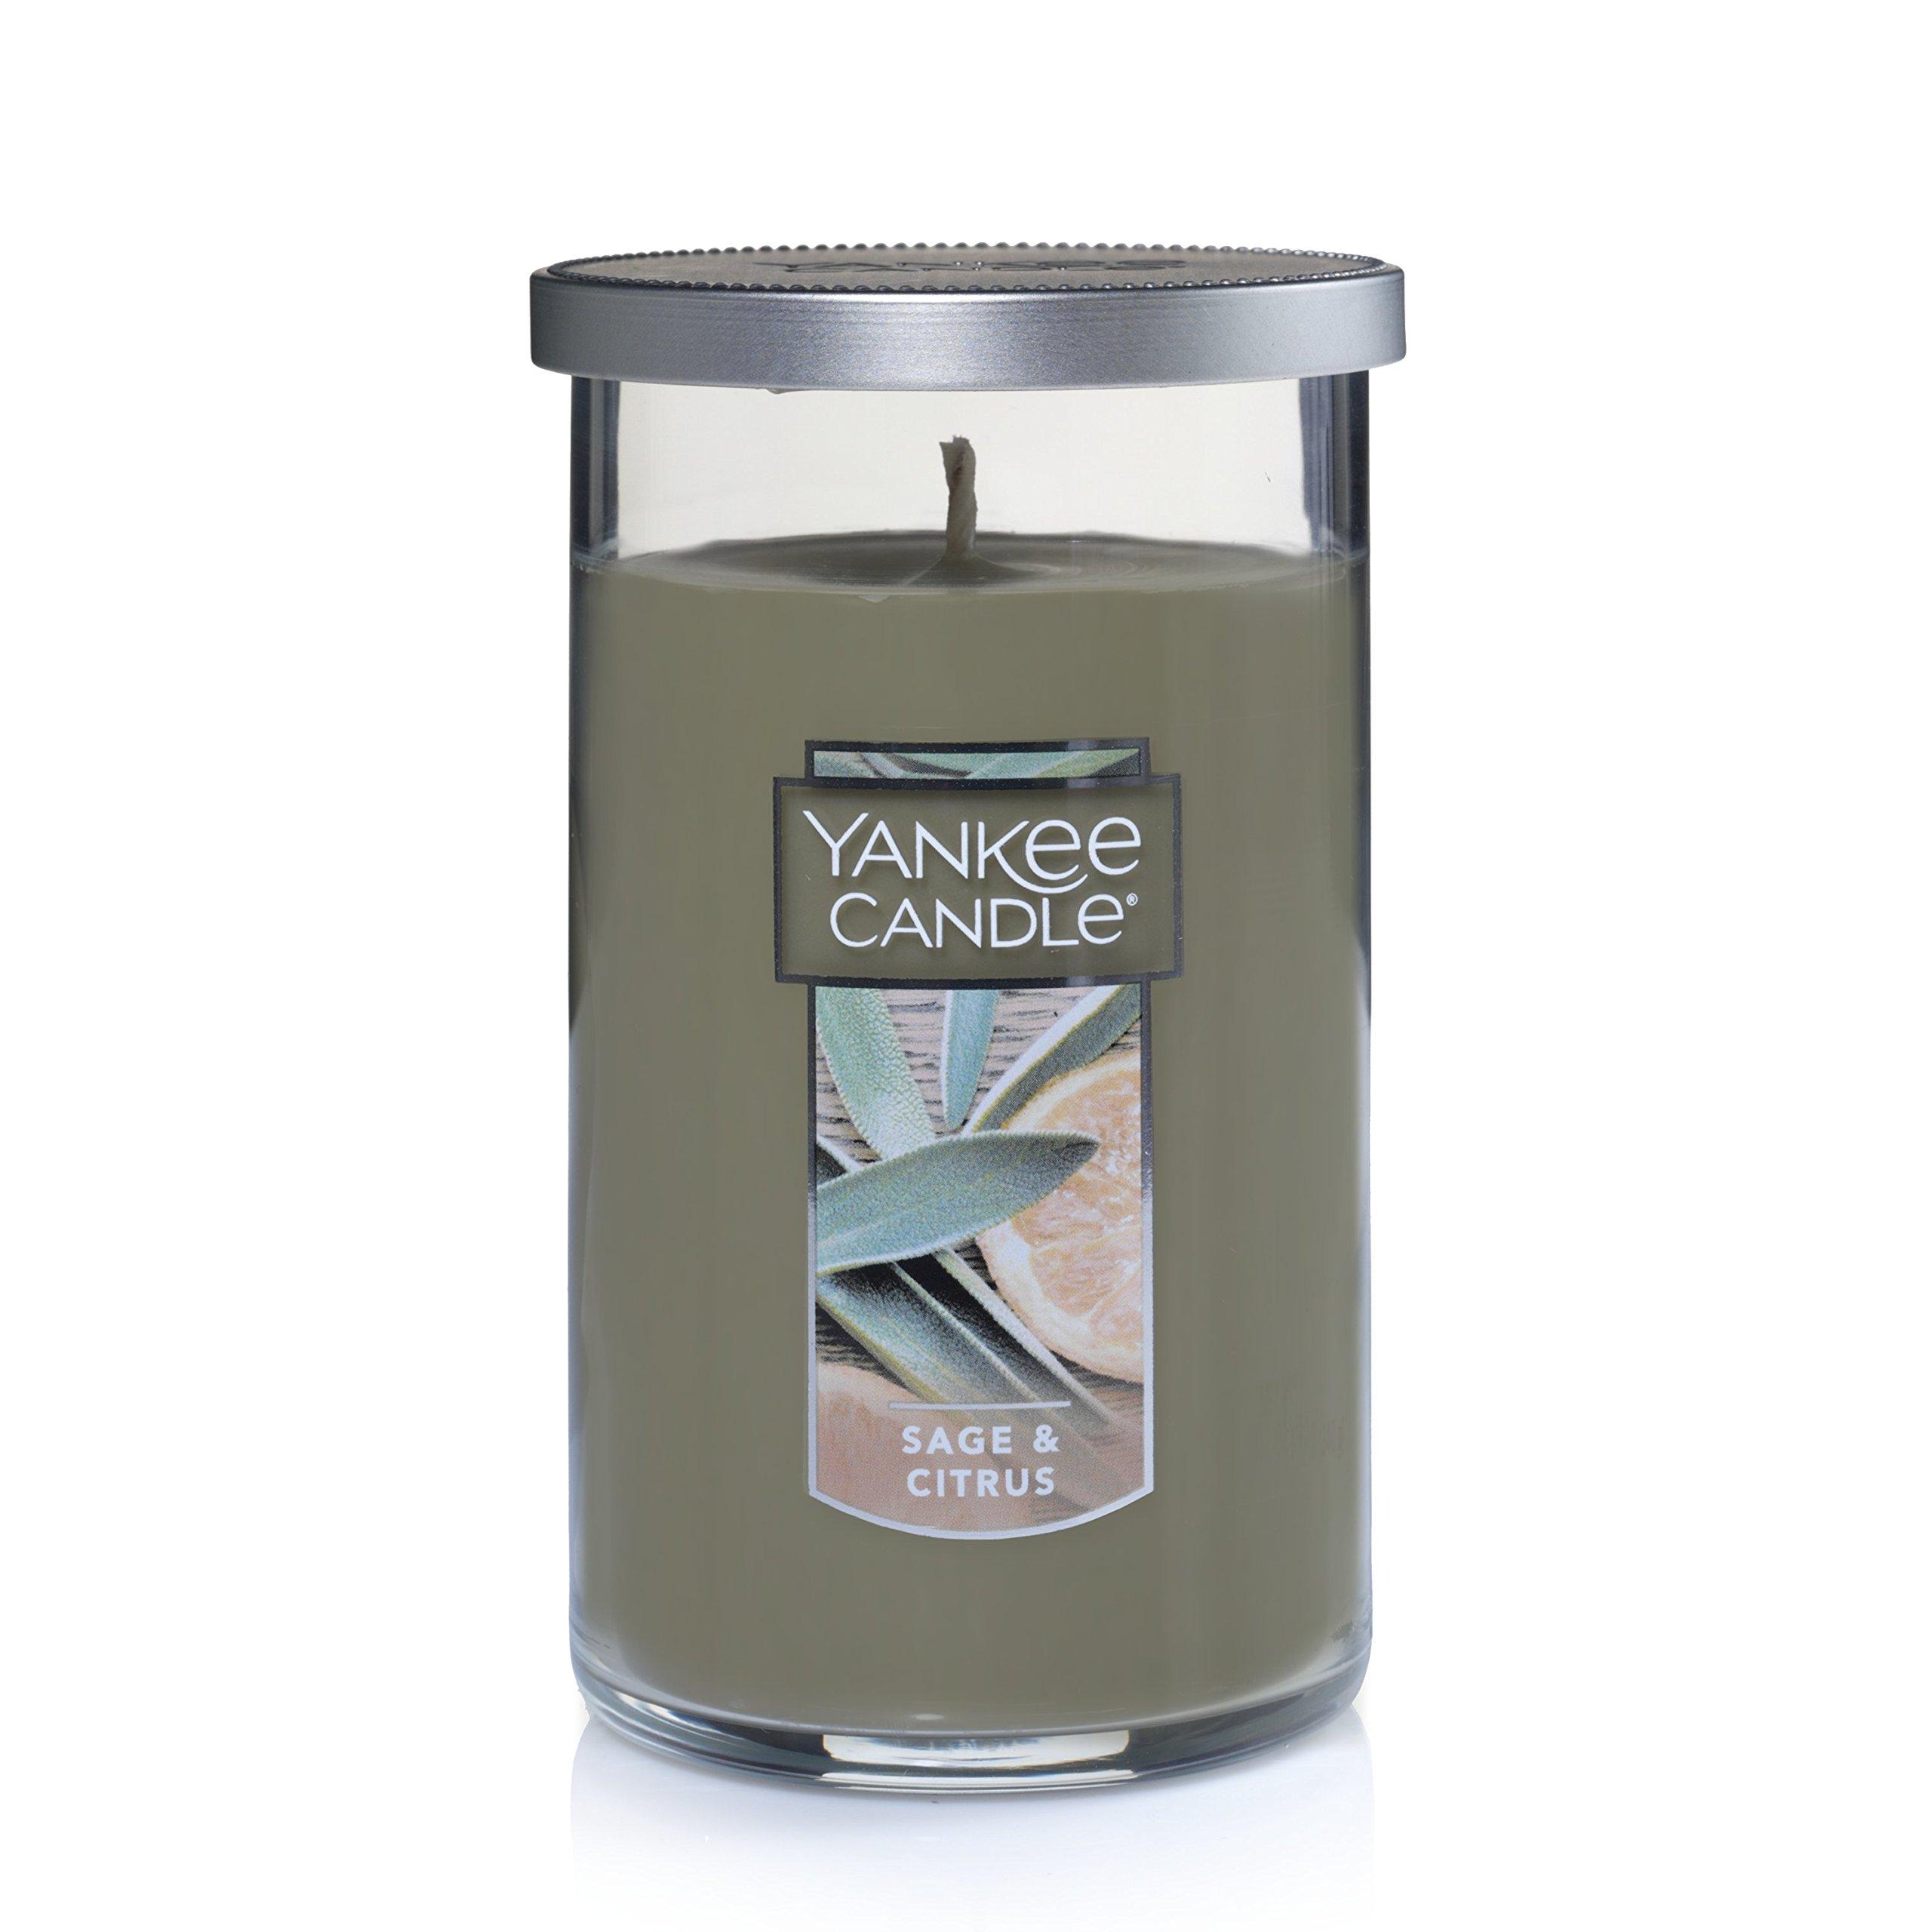 Yankee Candle Medium Perfect Pillar Candle, Sage & Citrus